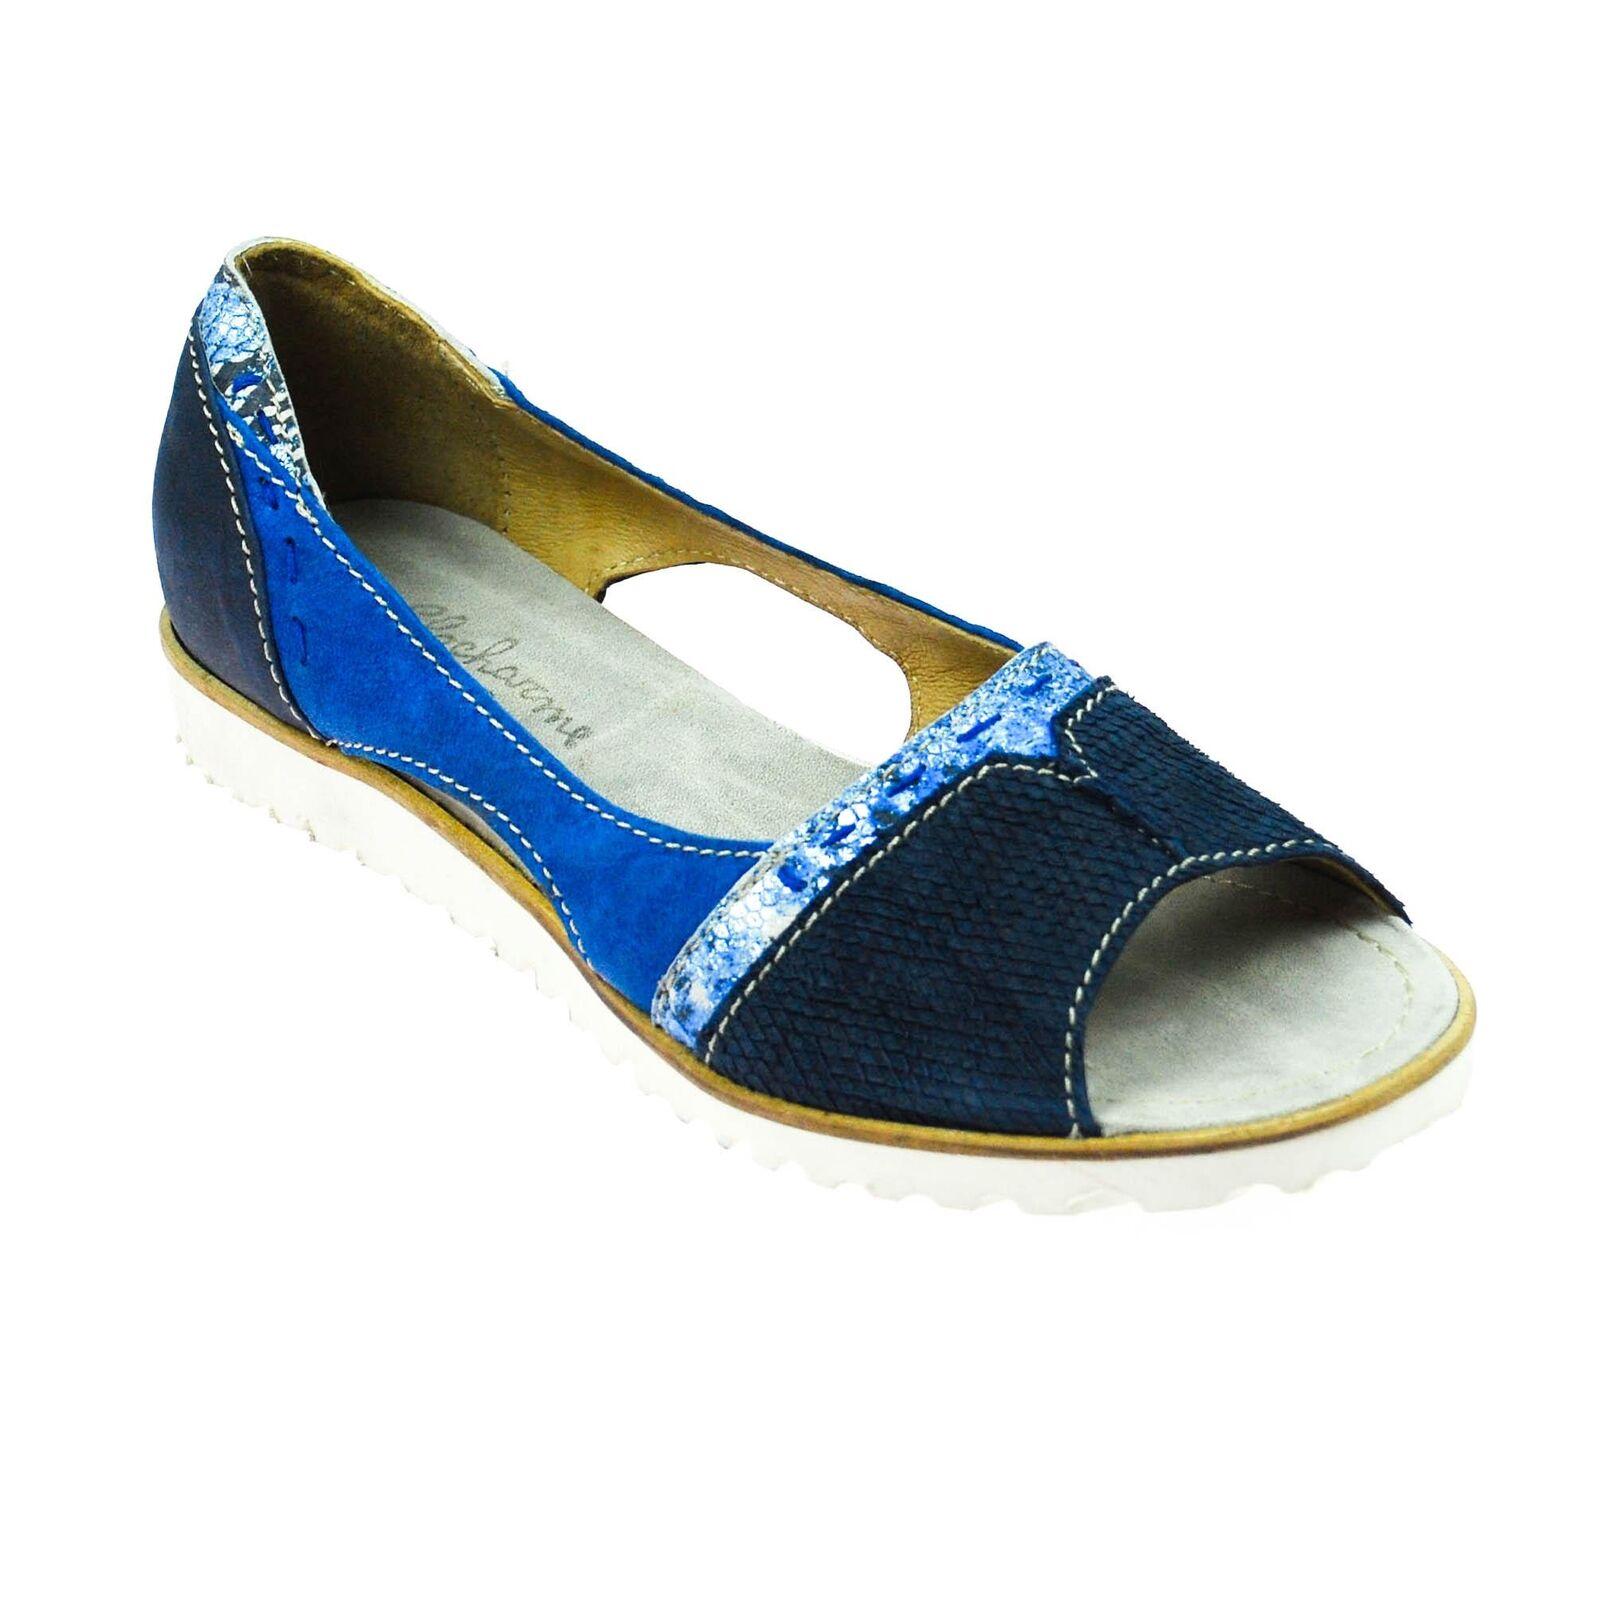 Encanto señora sandalia semi abierta de zapatos de cuero azul azul oscuro plata multicolor